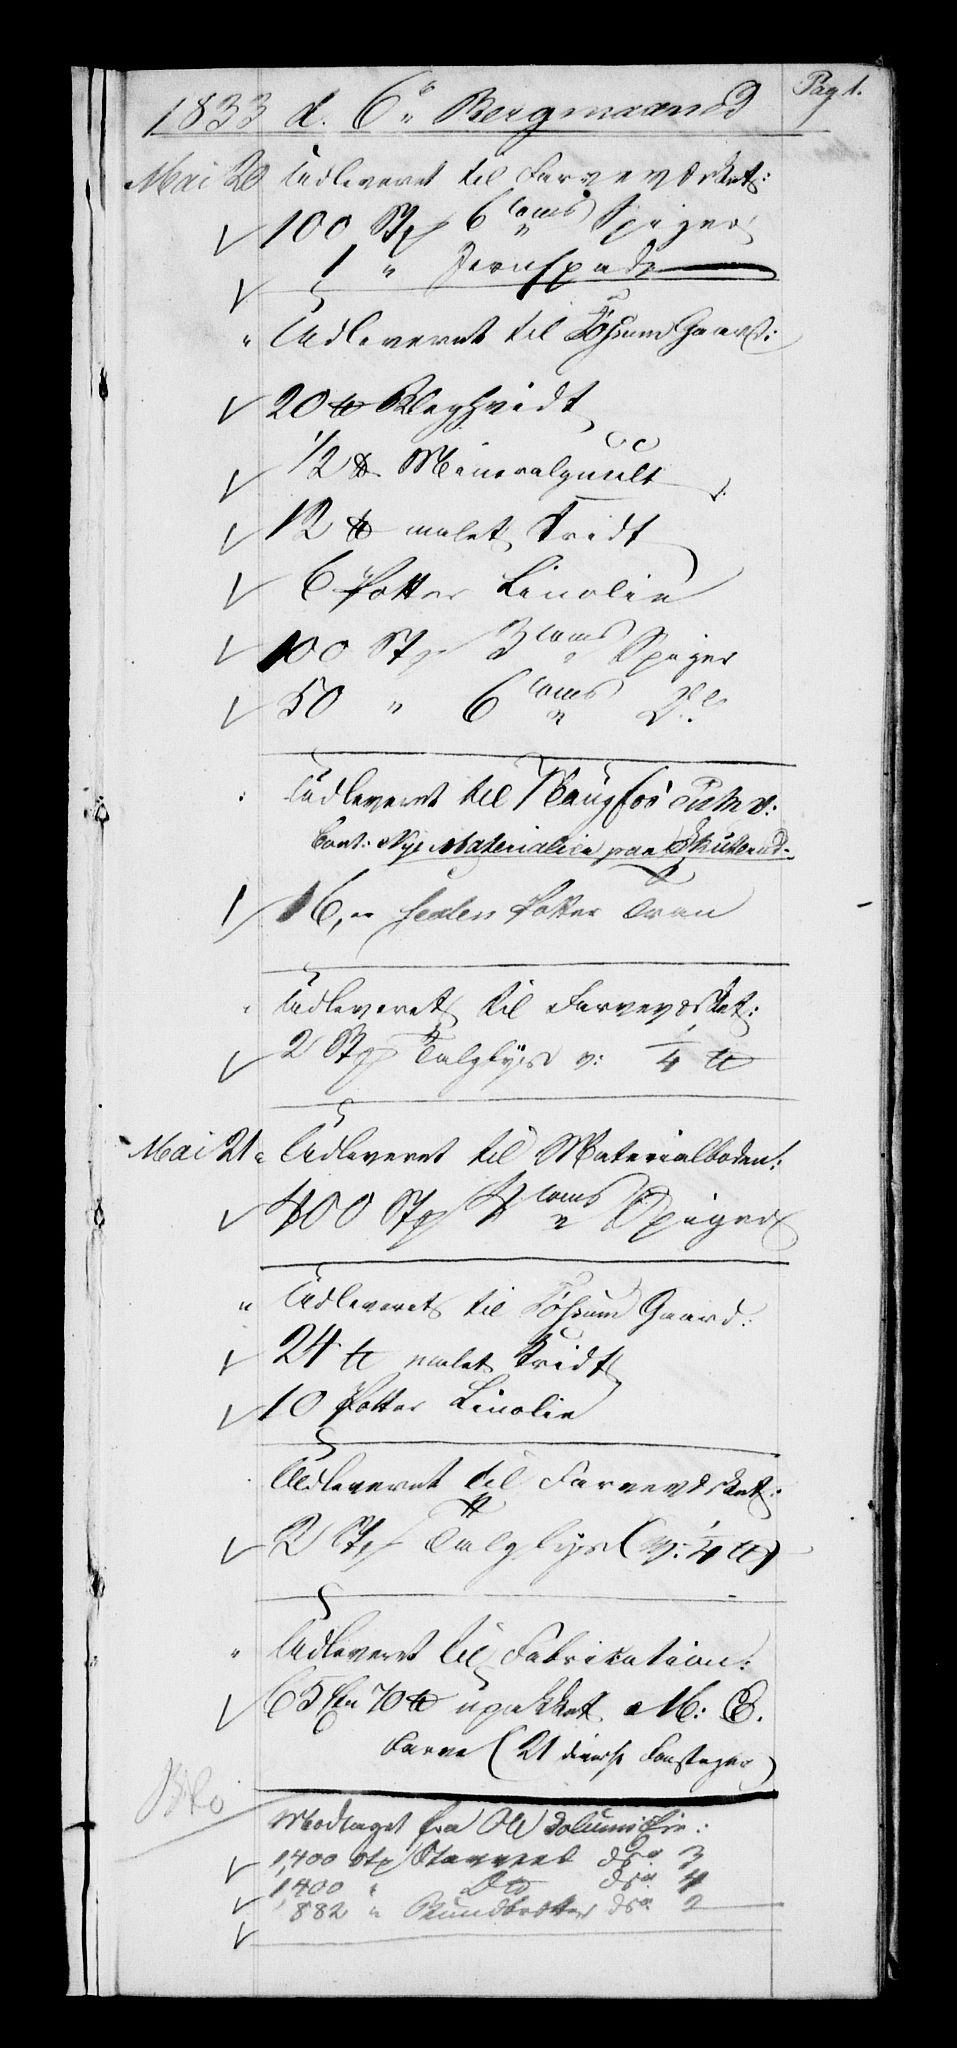 RA, Modums Blaafarveværk, G/Gd/Gdb/L0200: Annotations Bog, Dagbok over inn- og utgående materiale, 1833-1836, s. 2